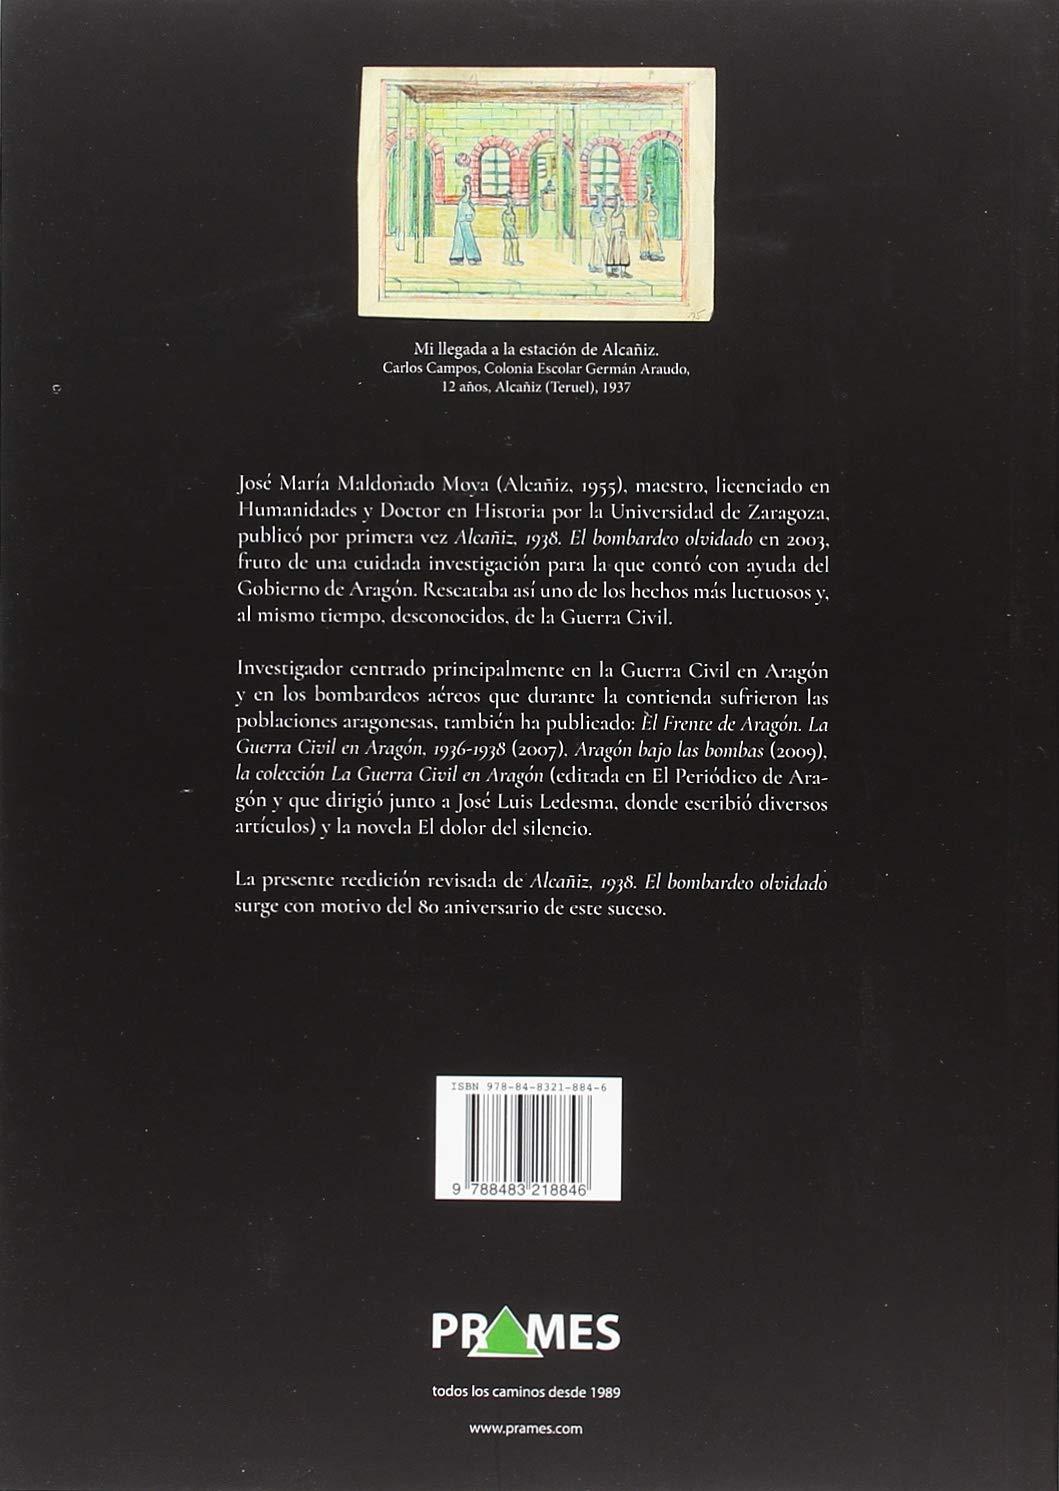 ALCAÑIZ 1938. EL BOMBARDEO OLVIDADO: Amazon.es: JOSÉ MARÍA MALDONADO: Libros